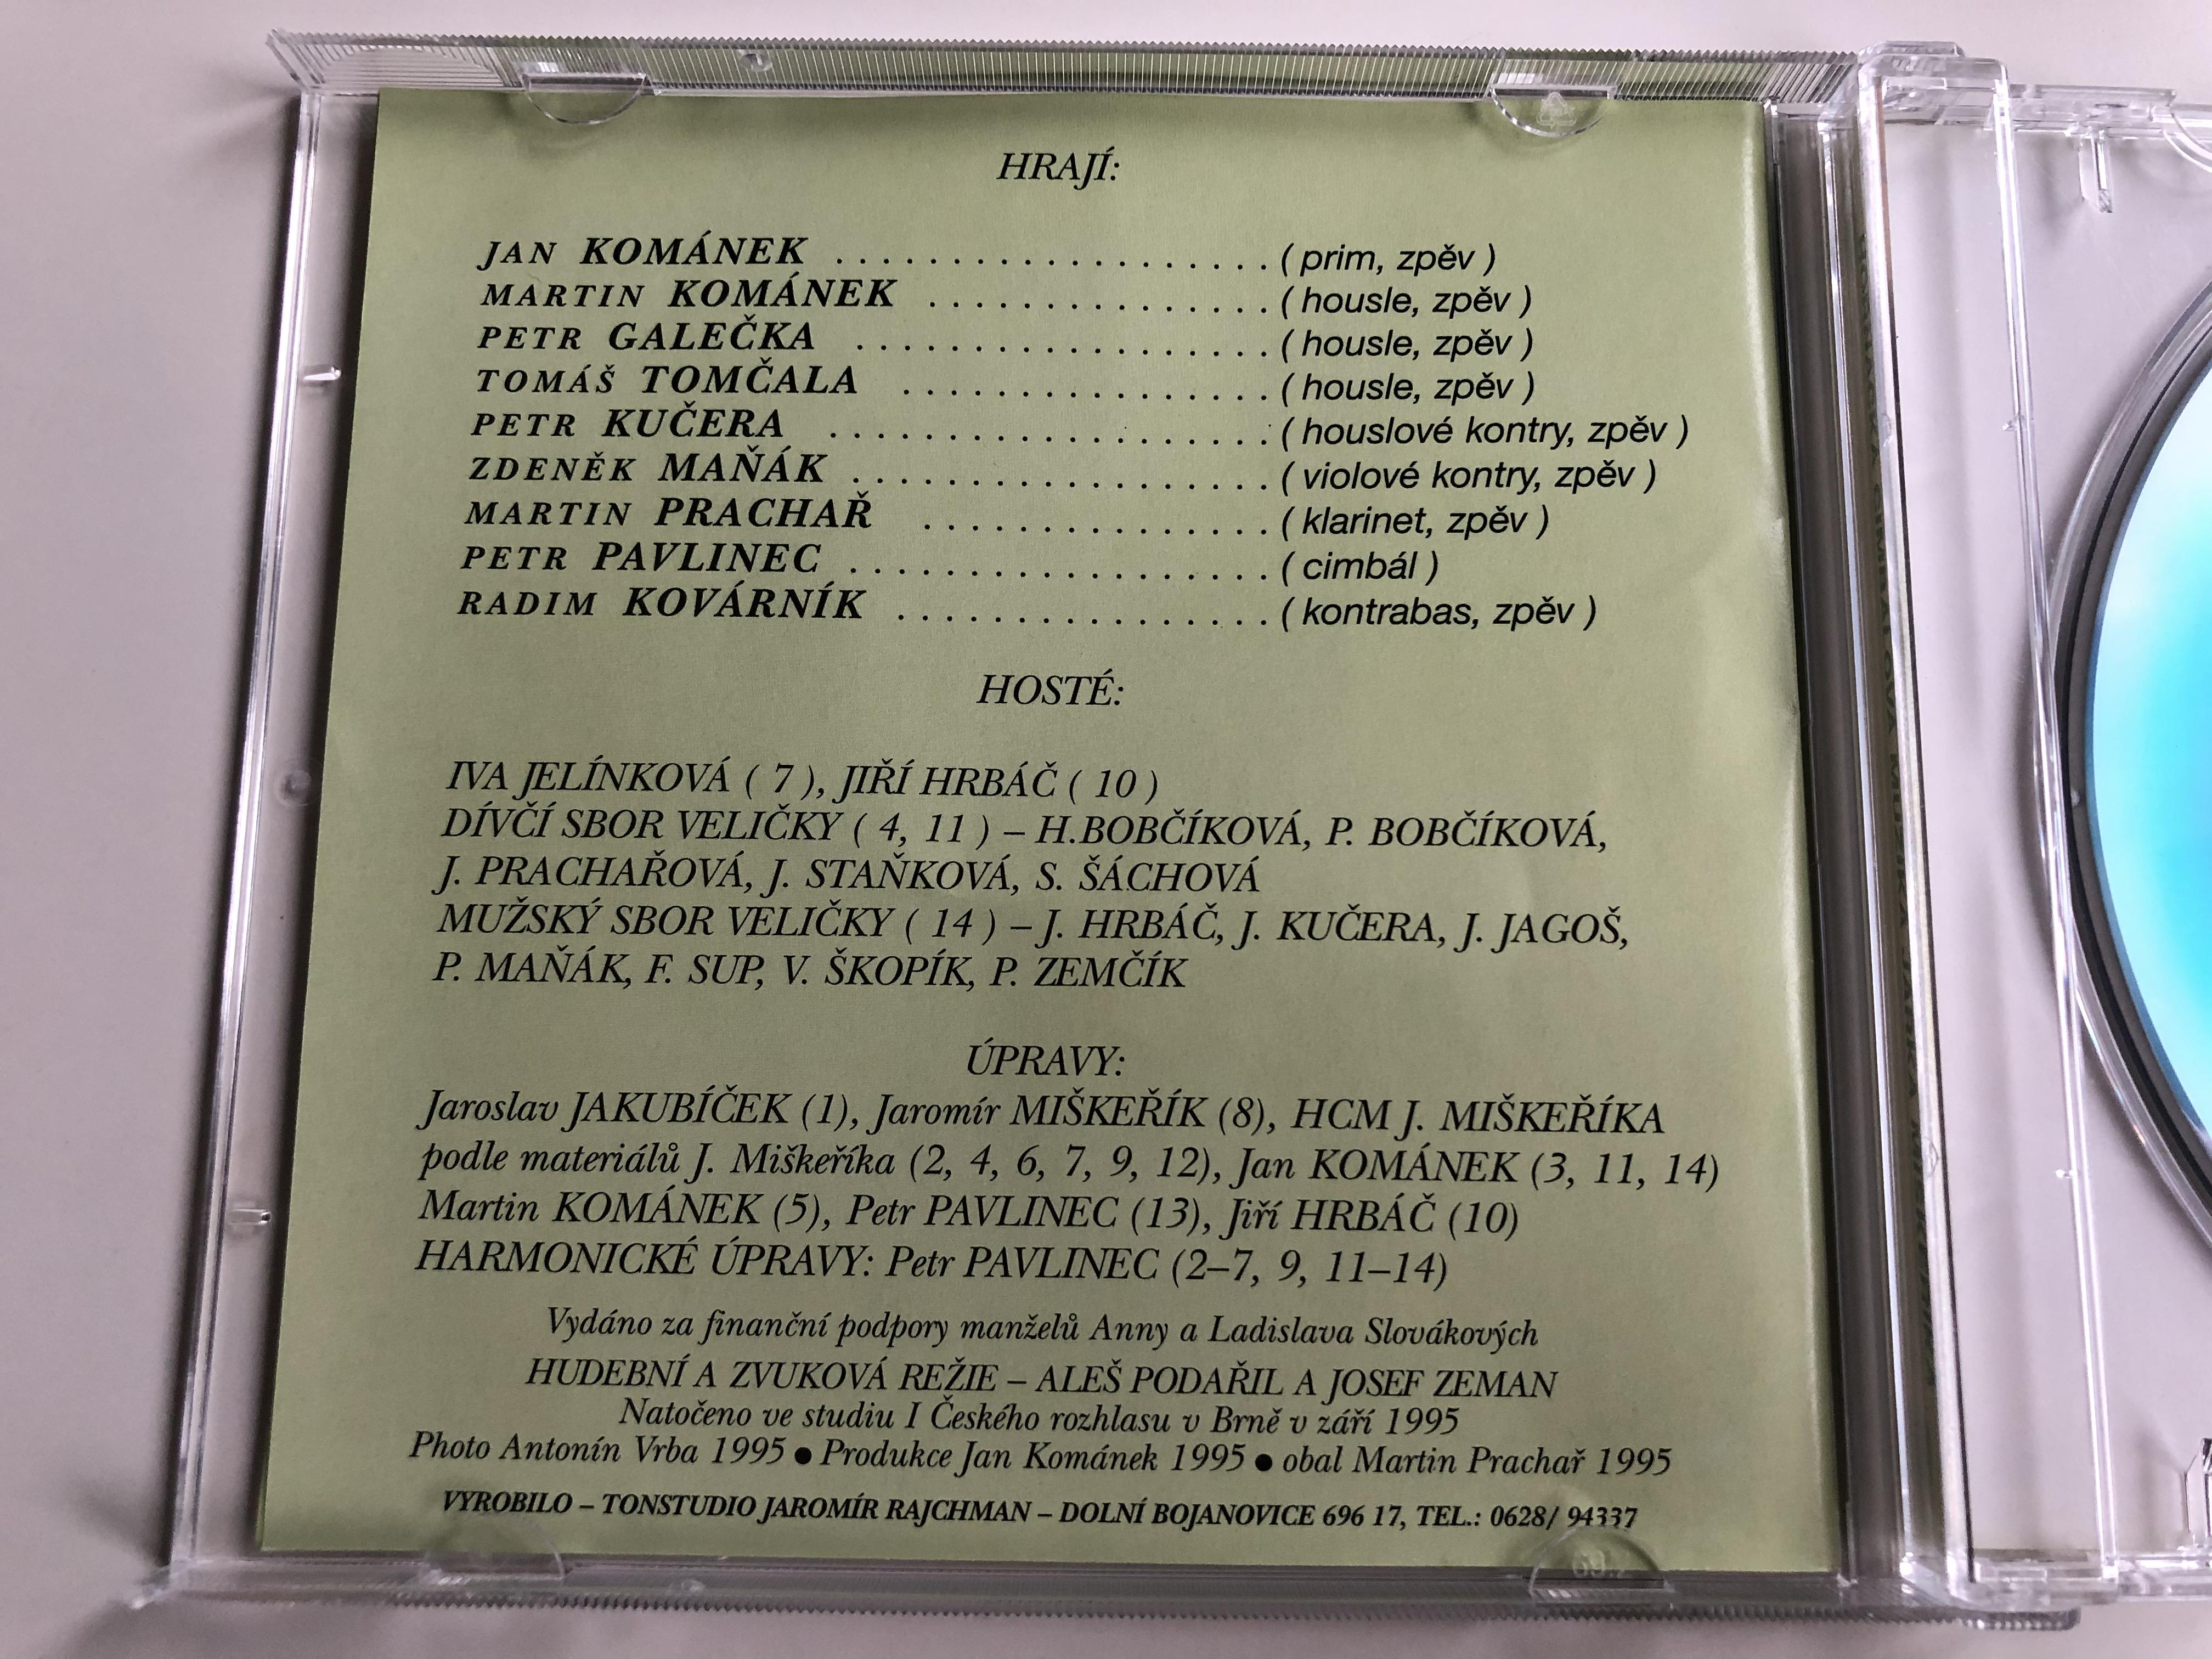 hornacka-cimbalova-muzika-jarka-mi-kerika-kordarna-audio-cd-4-.jpg